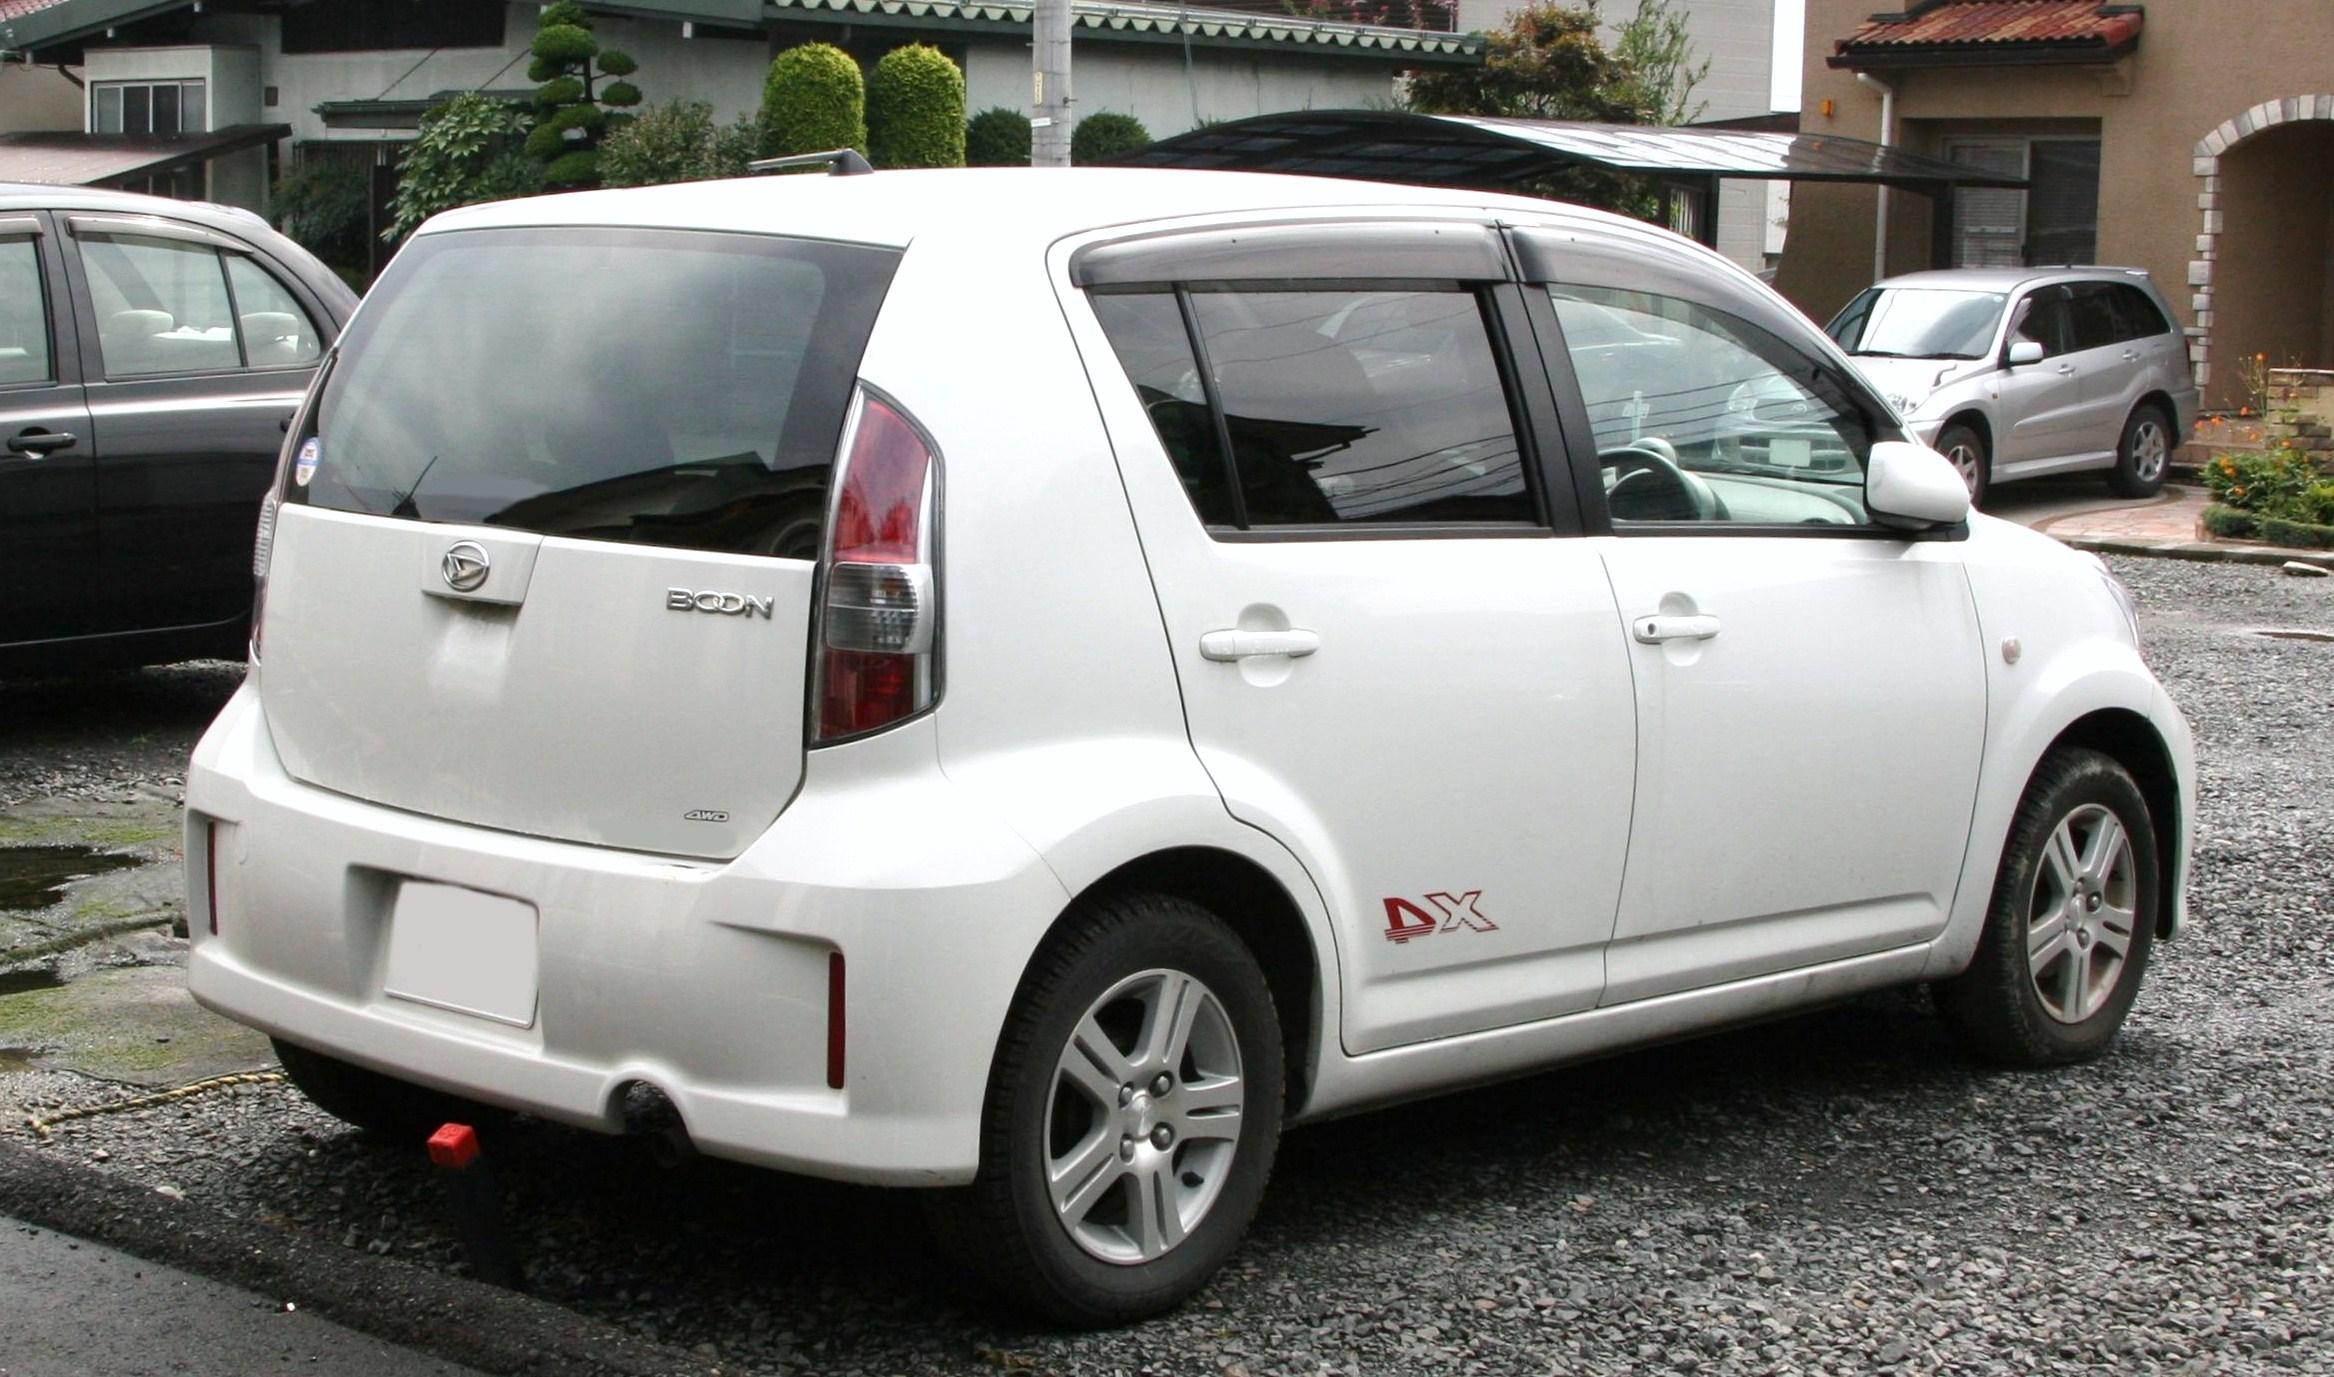 Daihatsu Boon I 2004 - 2010 Hatchback 5 door #2